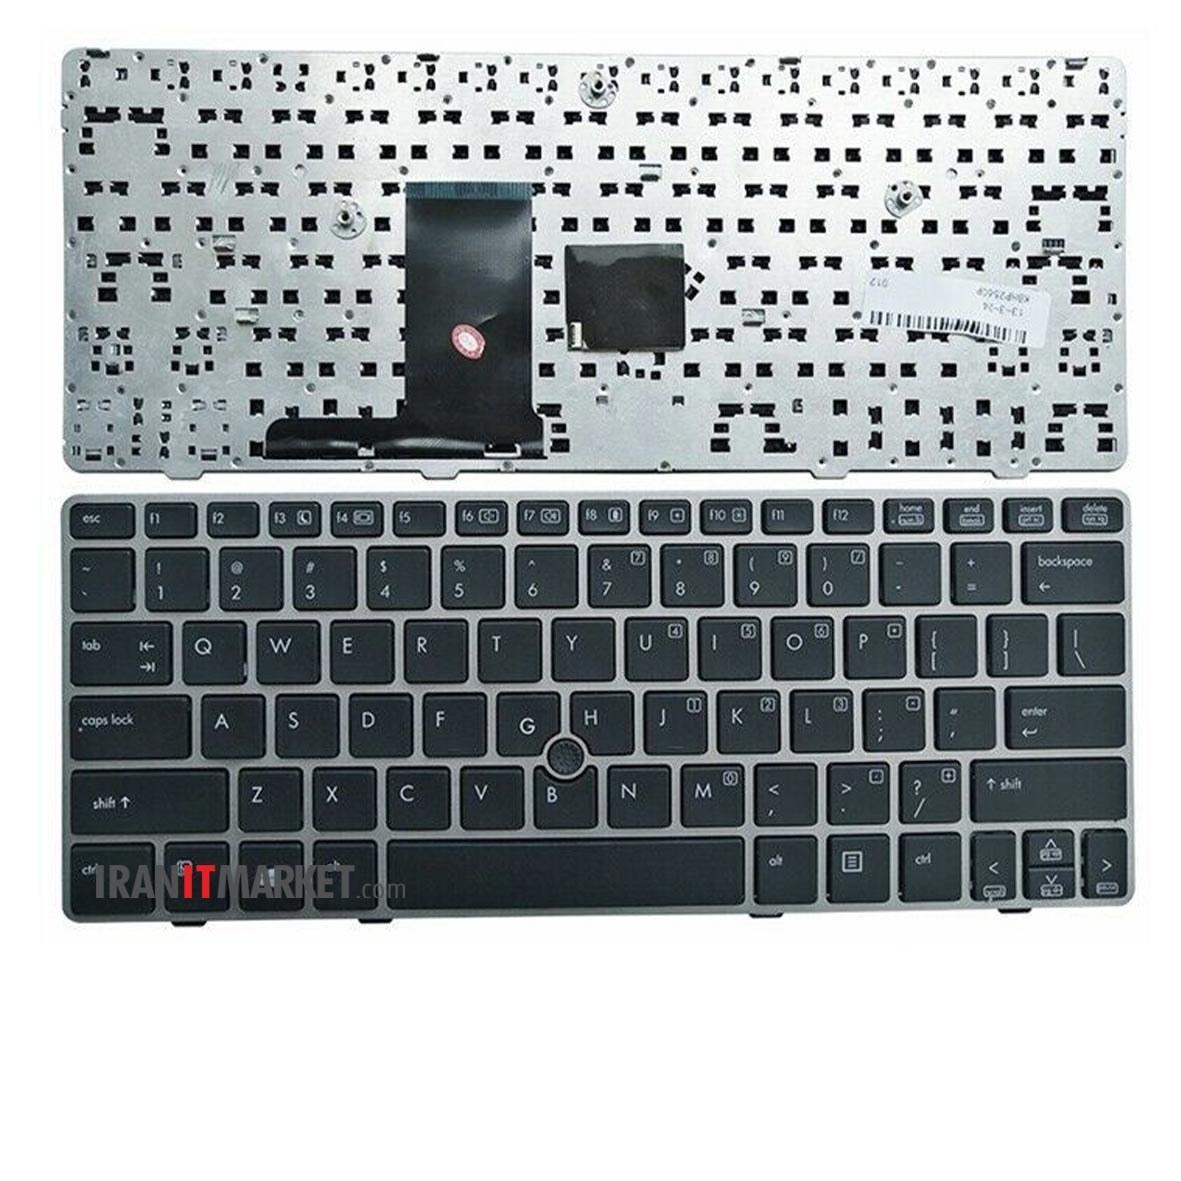 تصویر کیبورد لپ تاپ اچ پی KEYBOARD HP Elitebook 2570p